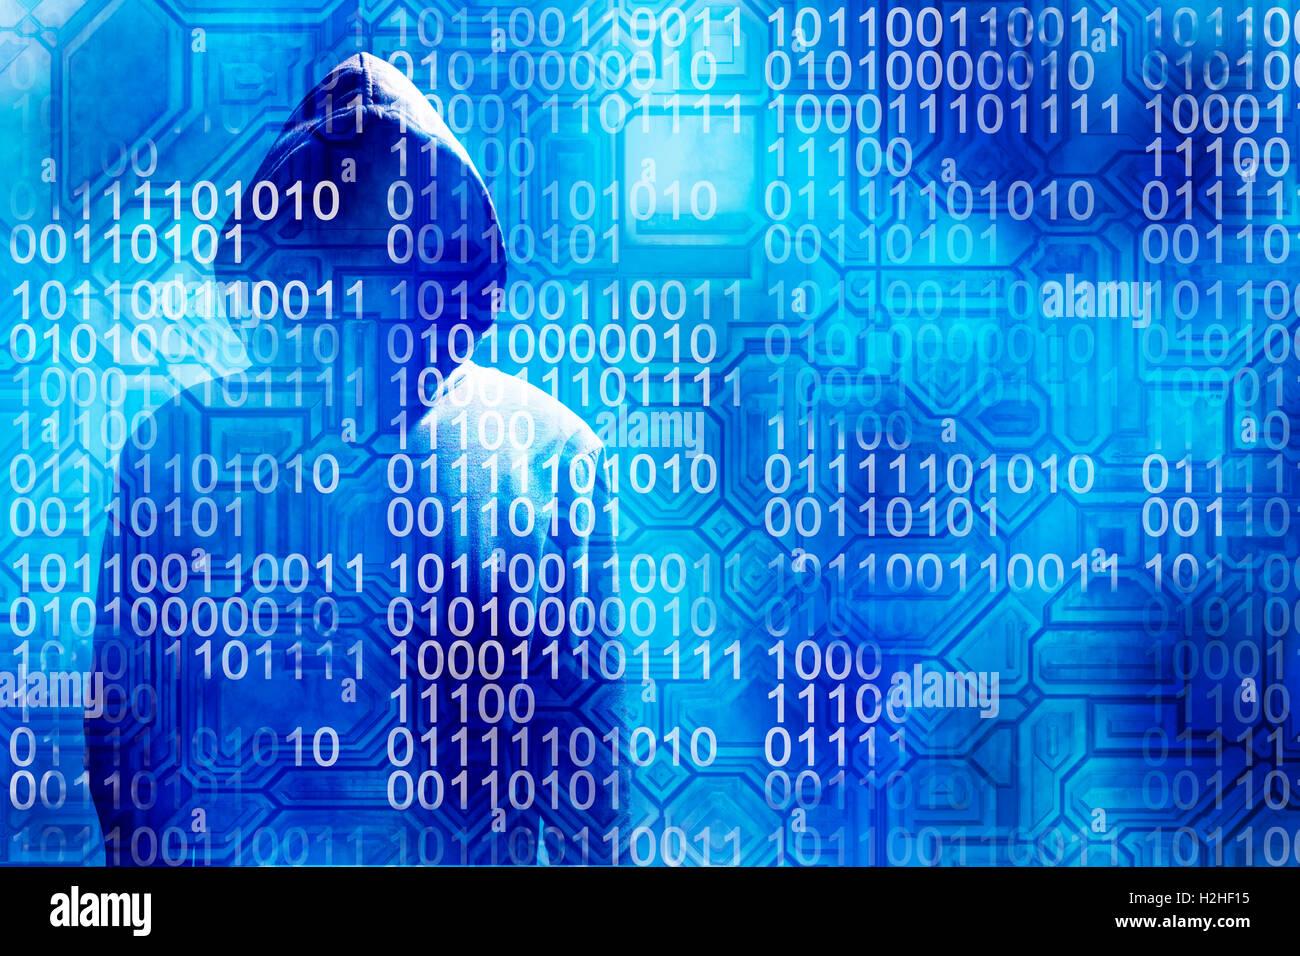 La ciberdelincuencia y concepto de hacker Imagen De Stock